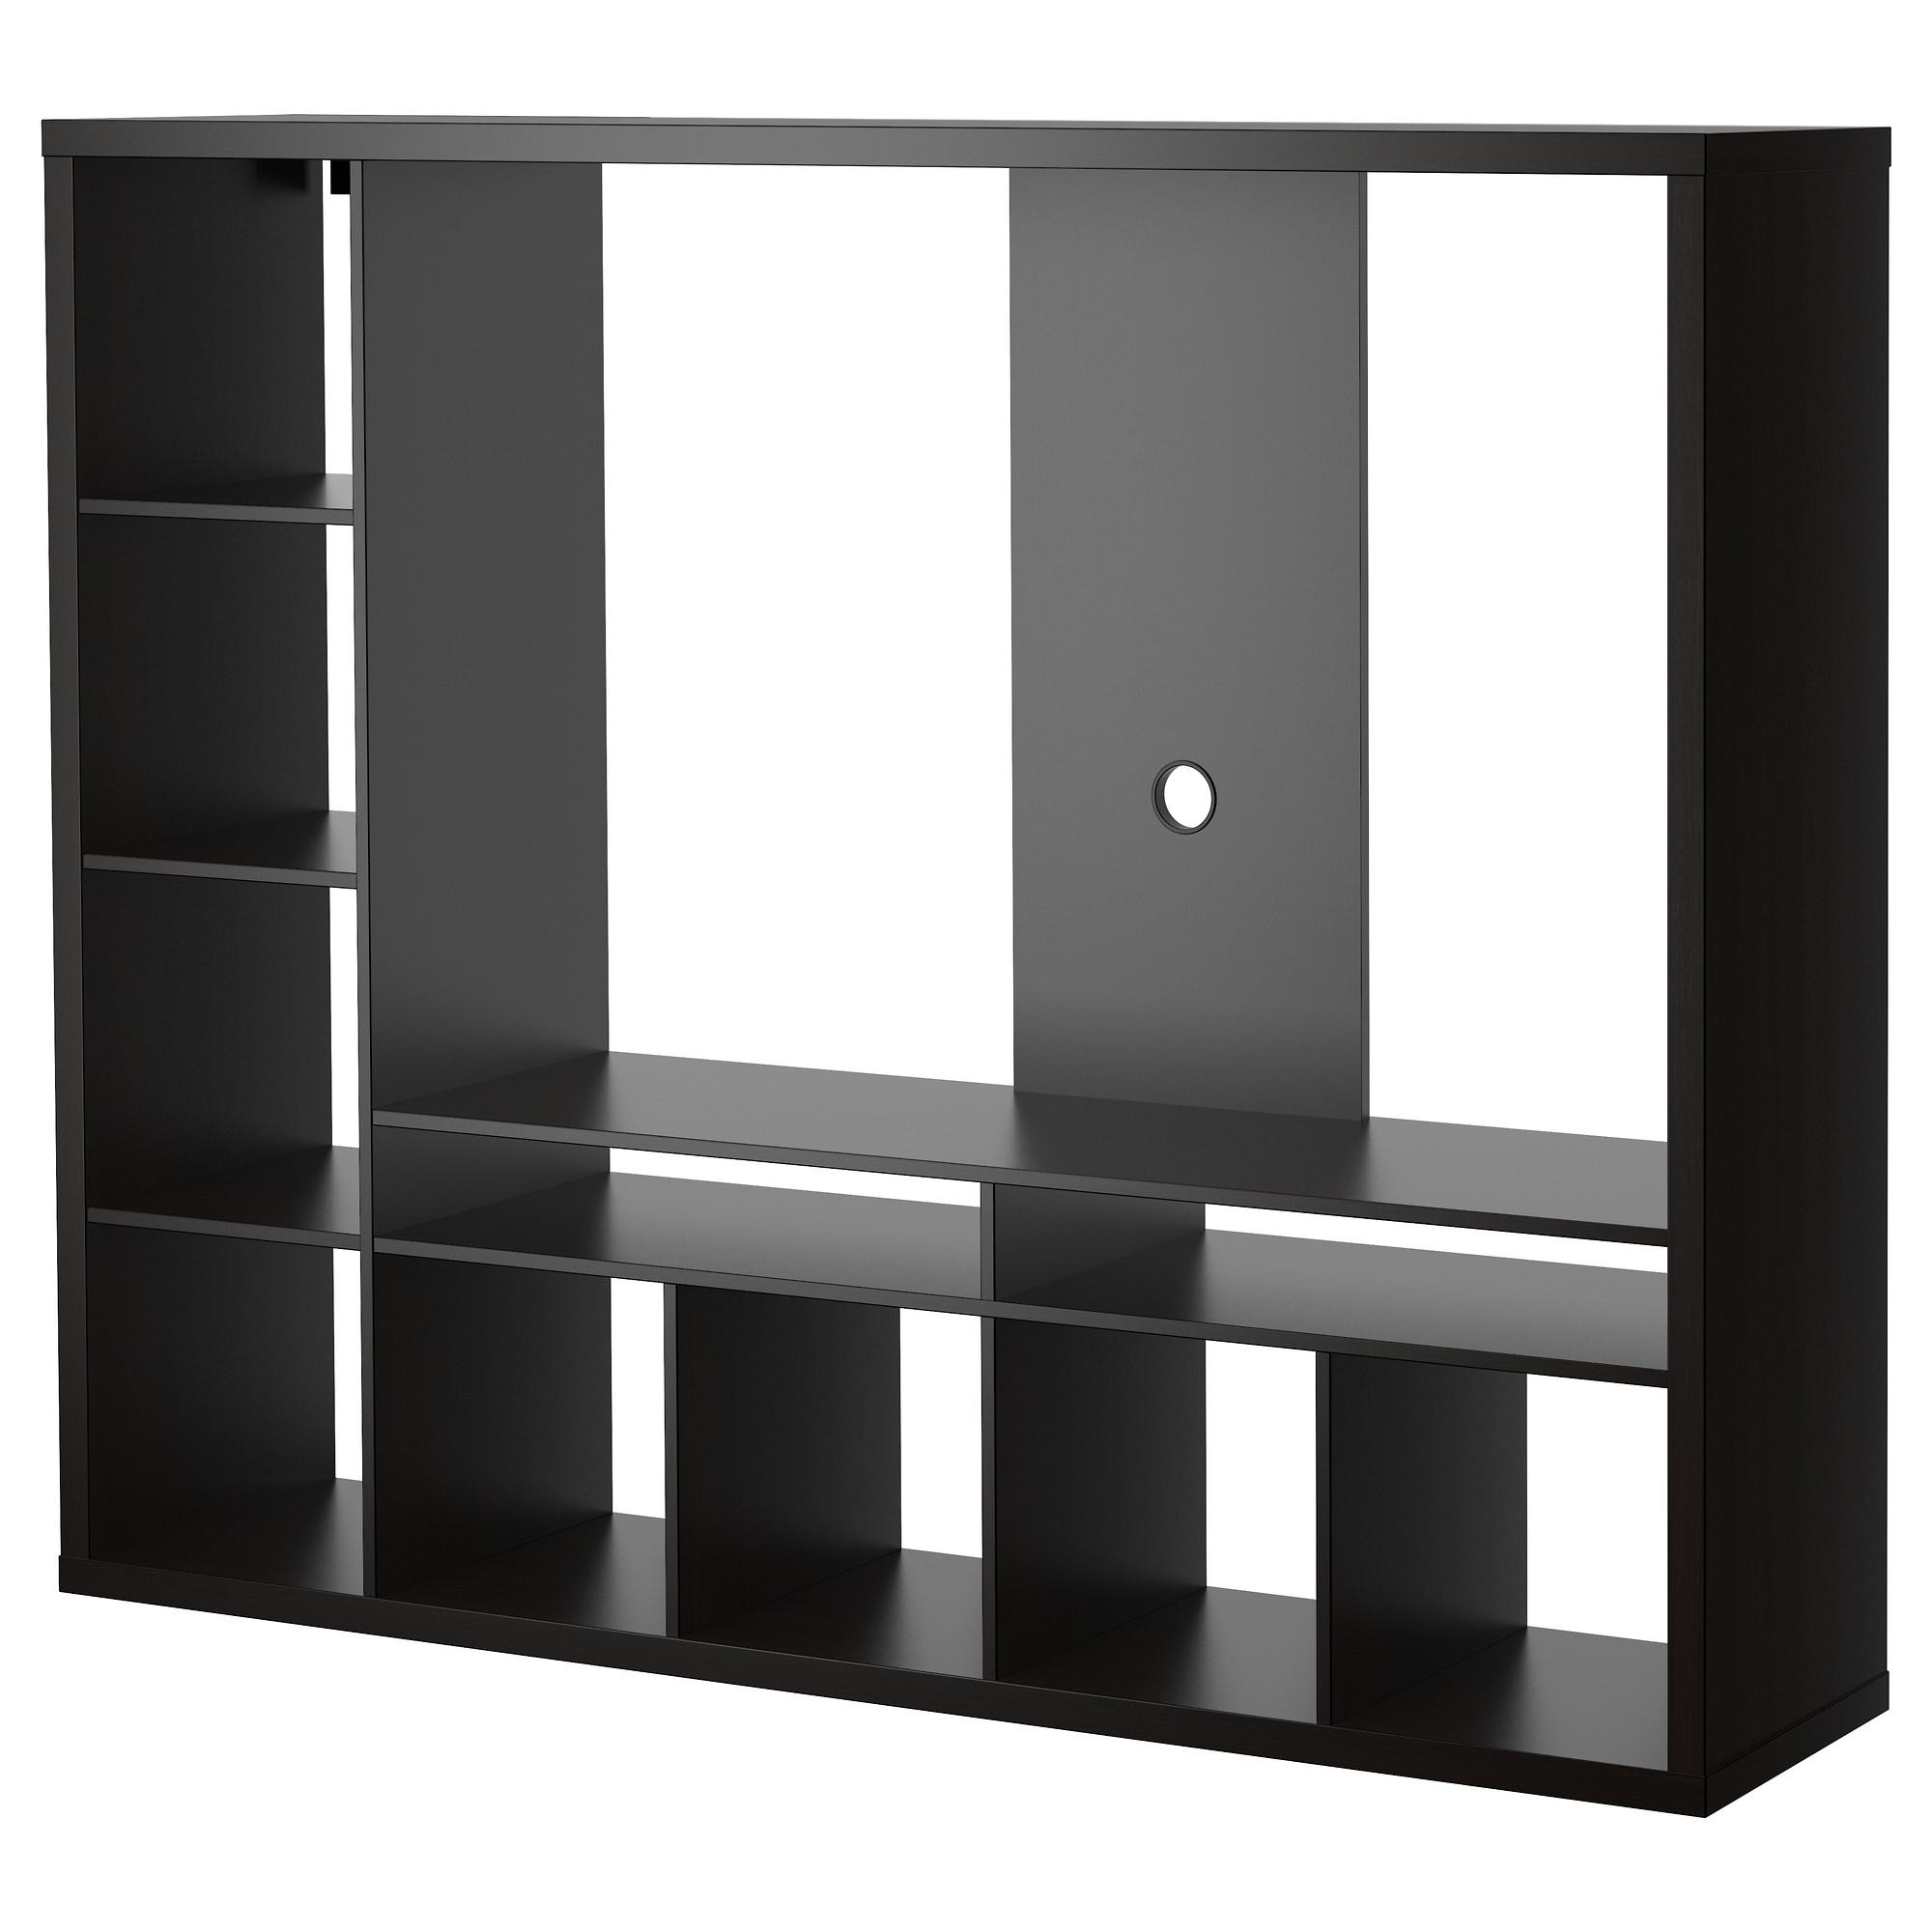 Hacer Mueble Para Tv Muebles Para Colocar La Tele With Hacer  # Muebles Para Poner Xbox